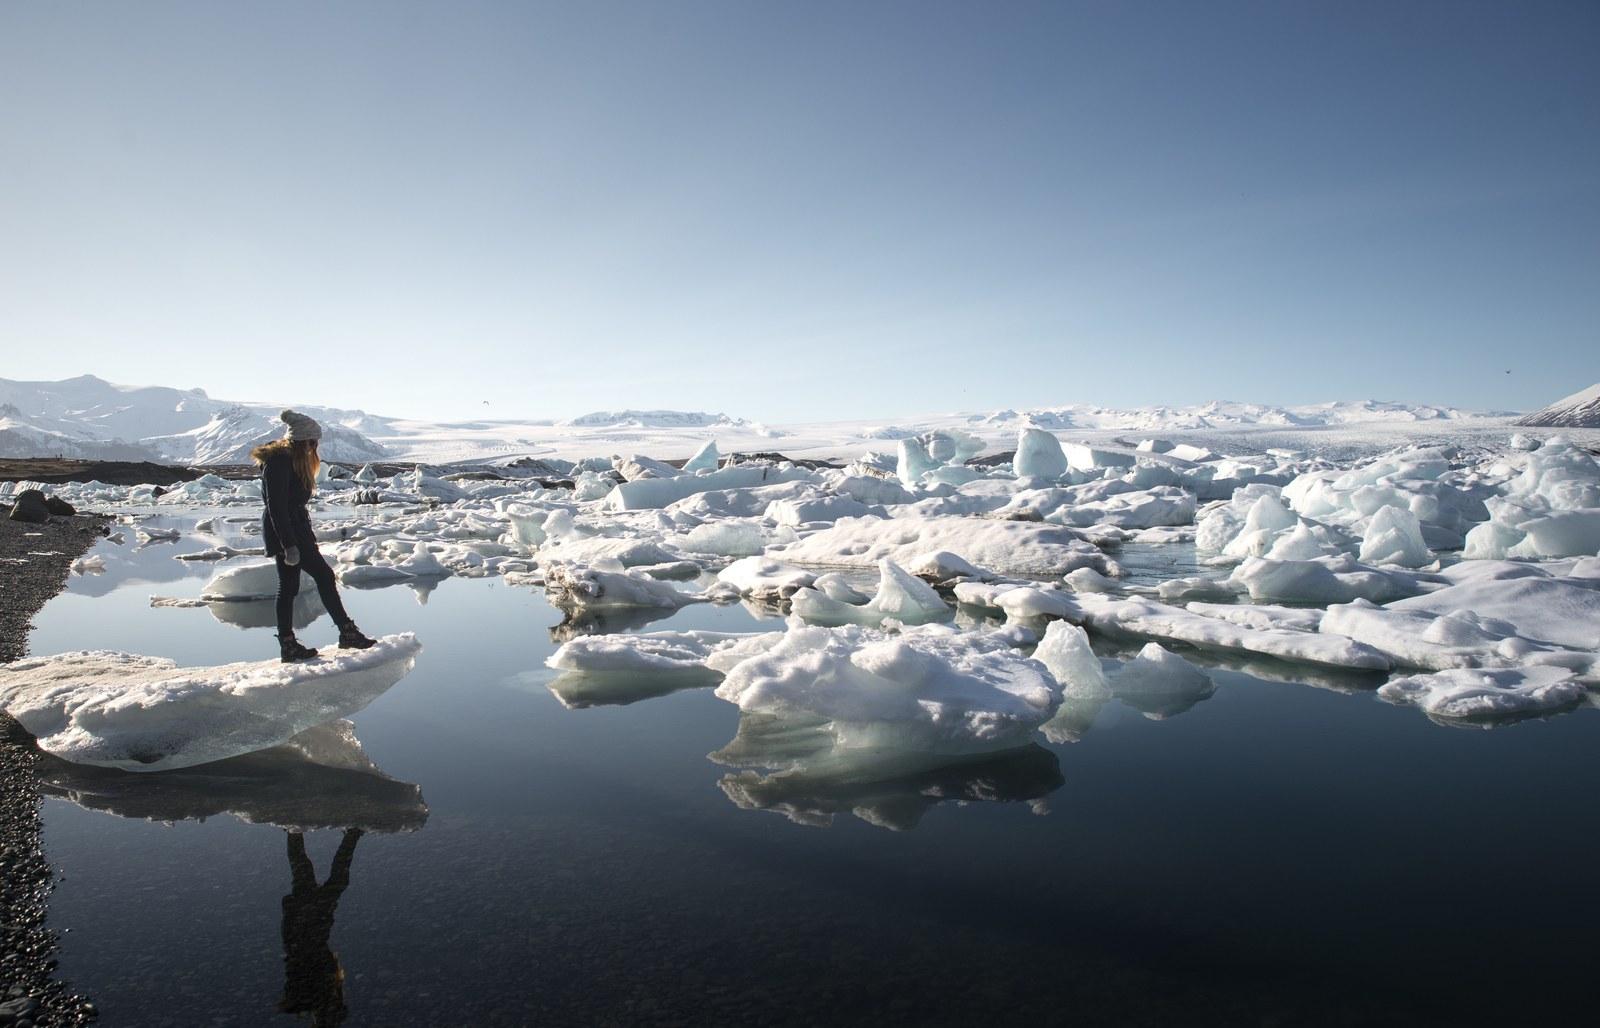 Lac de glace, Jökulsárlón Jökulsárlón